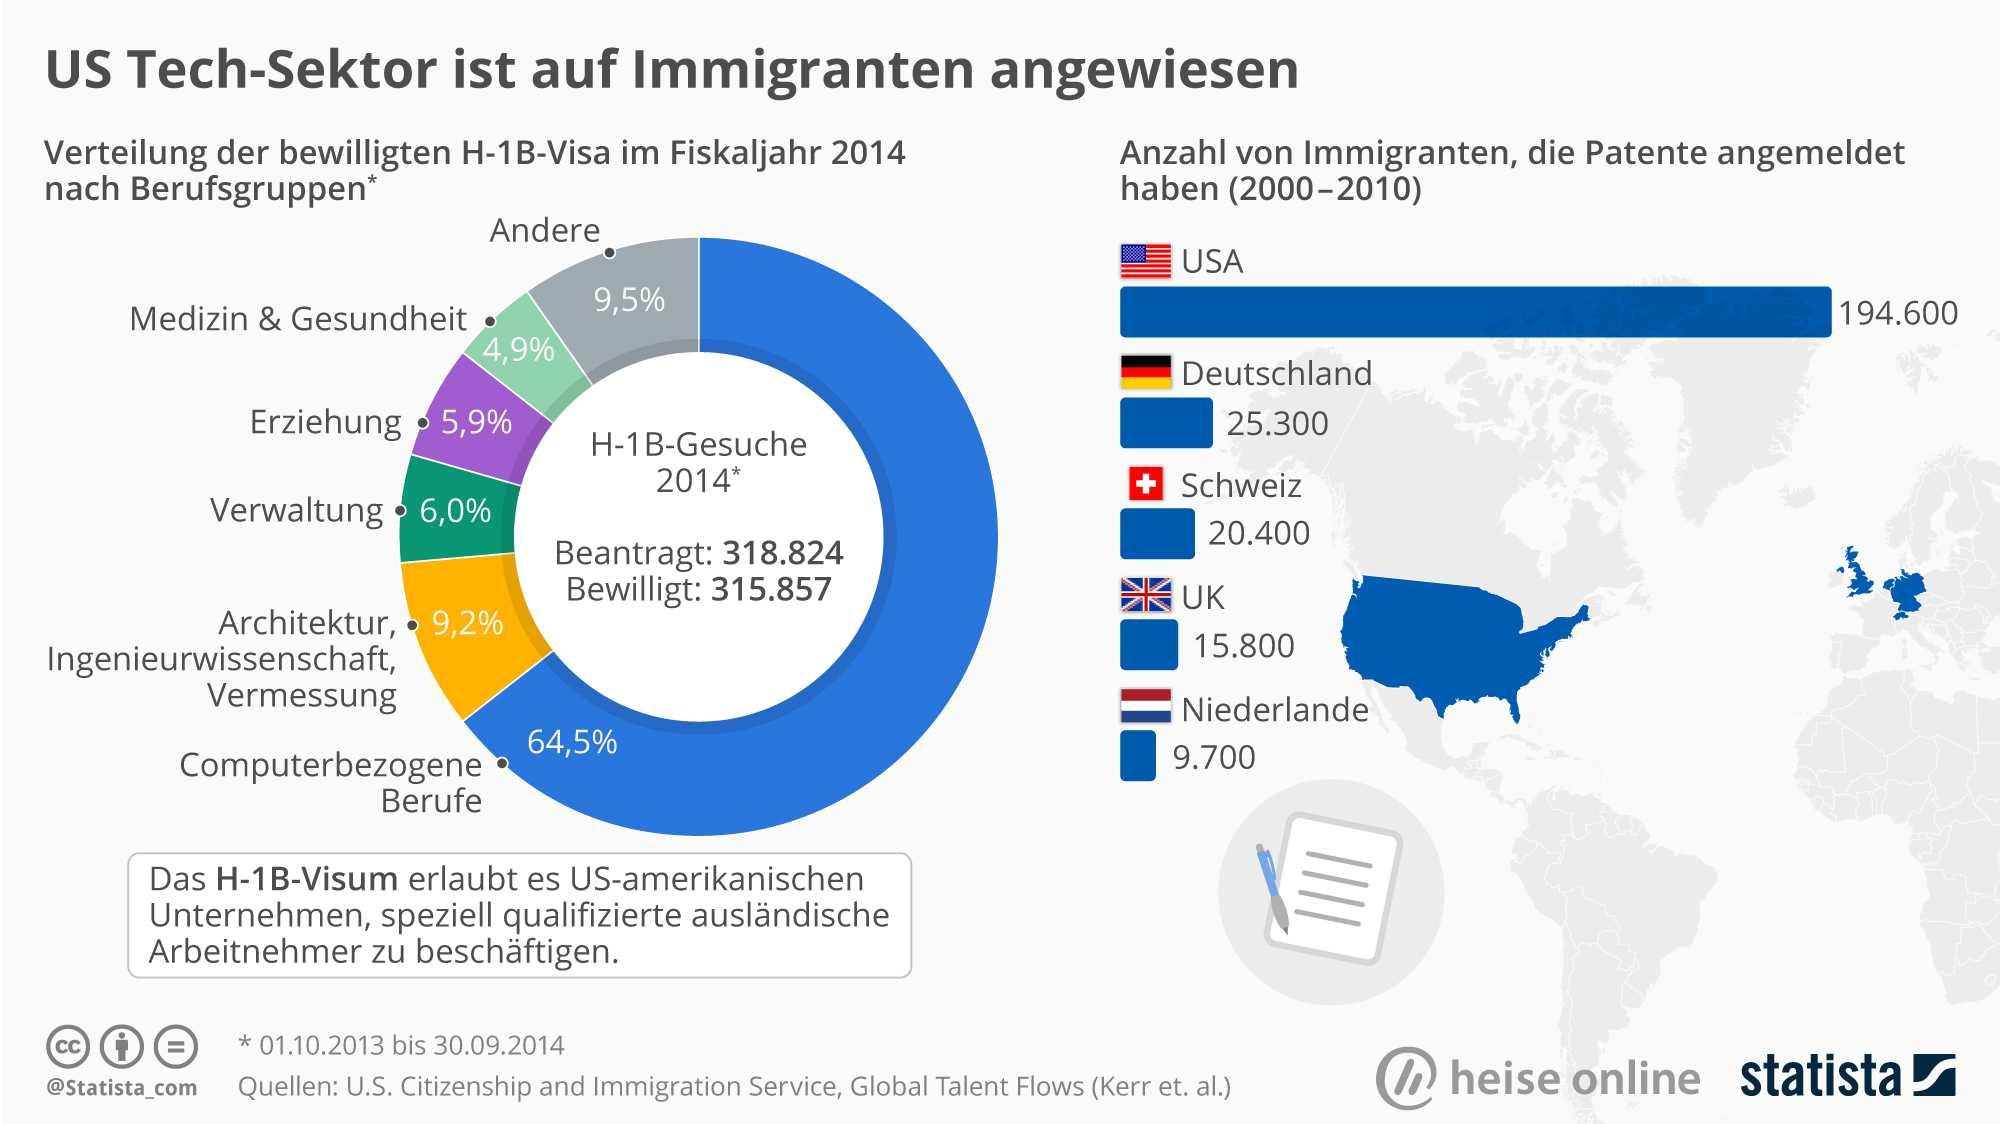 heise online/Statista